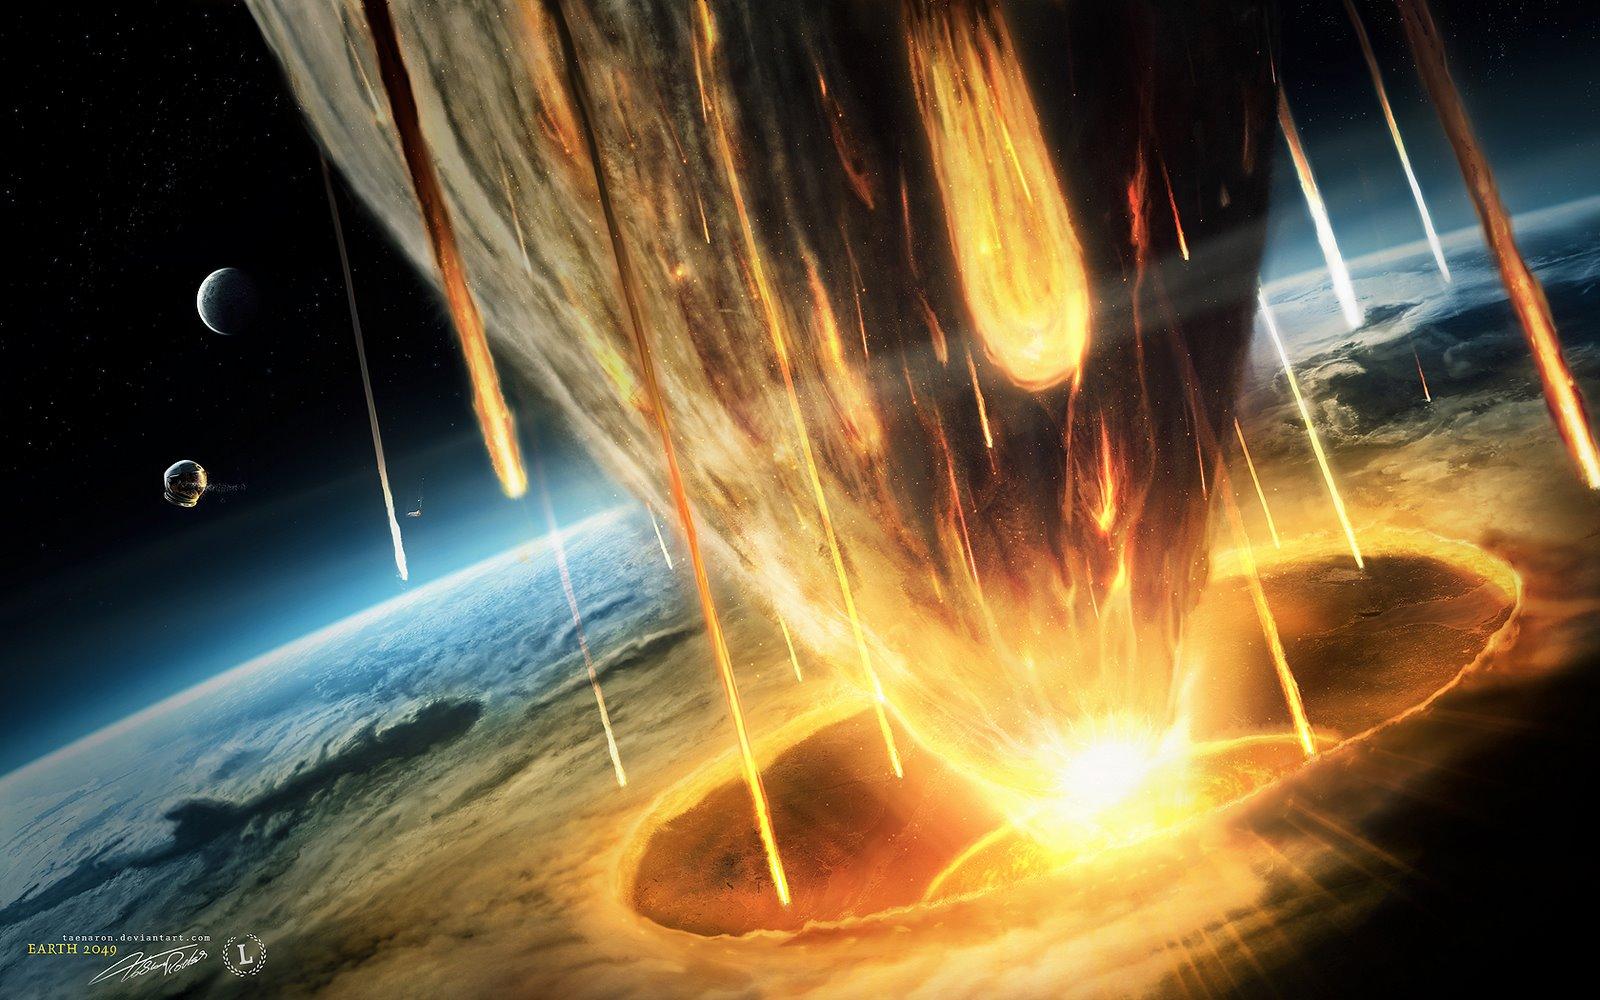 http://1.bp.blogspot.com/_Hrh98i7uFqo/TSjOY6e_HyI/AAAAAAAAAC0/XS4s44xS7H4/s1600/Earth+2049+Wallpaper.jpg